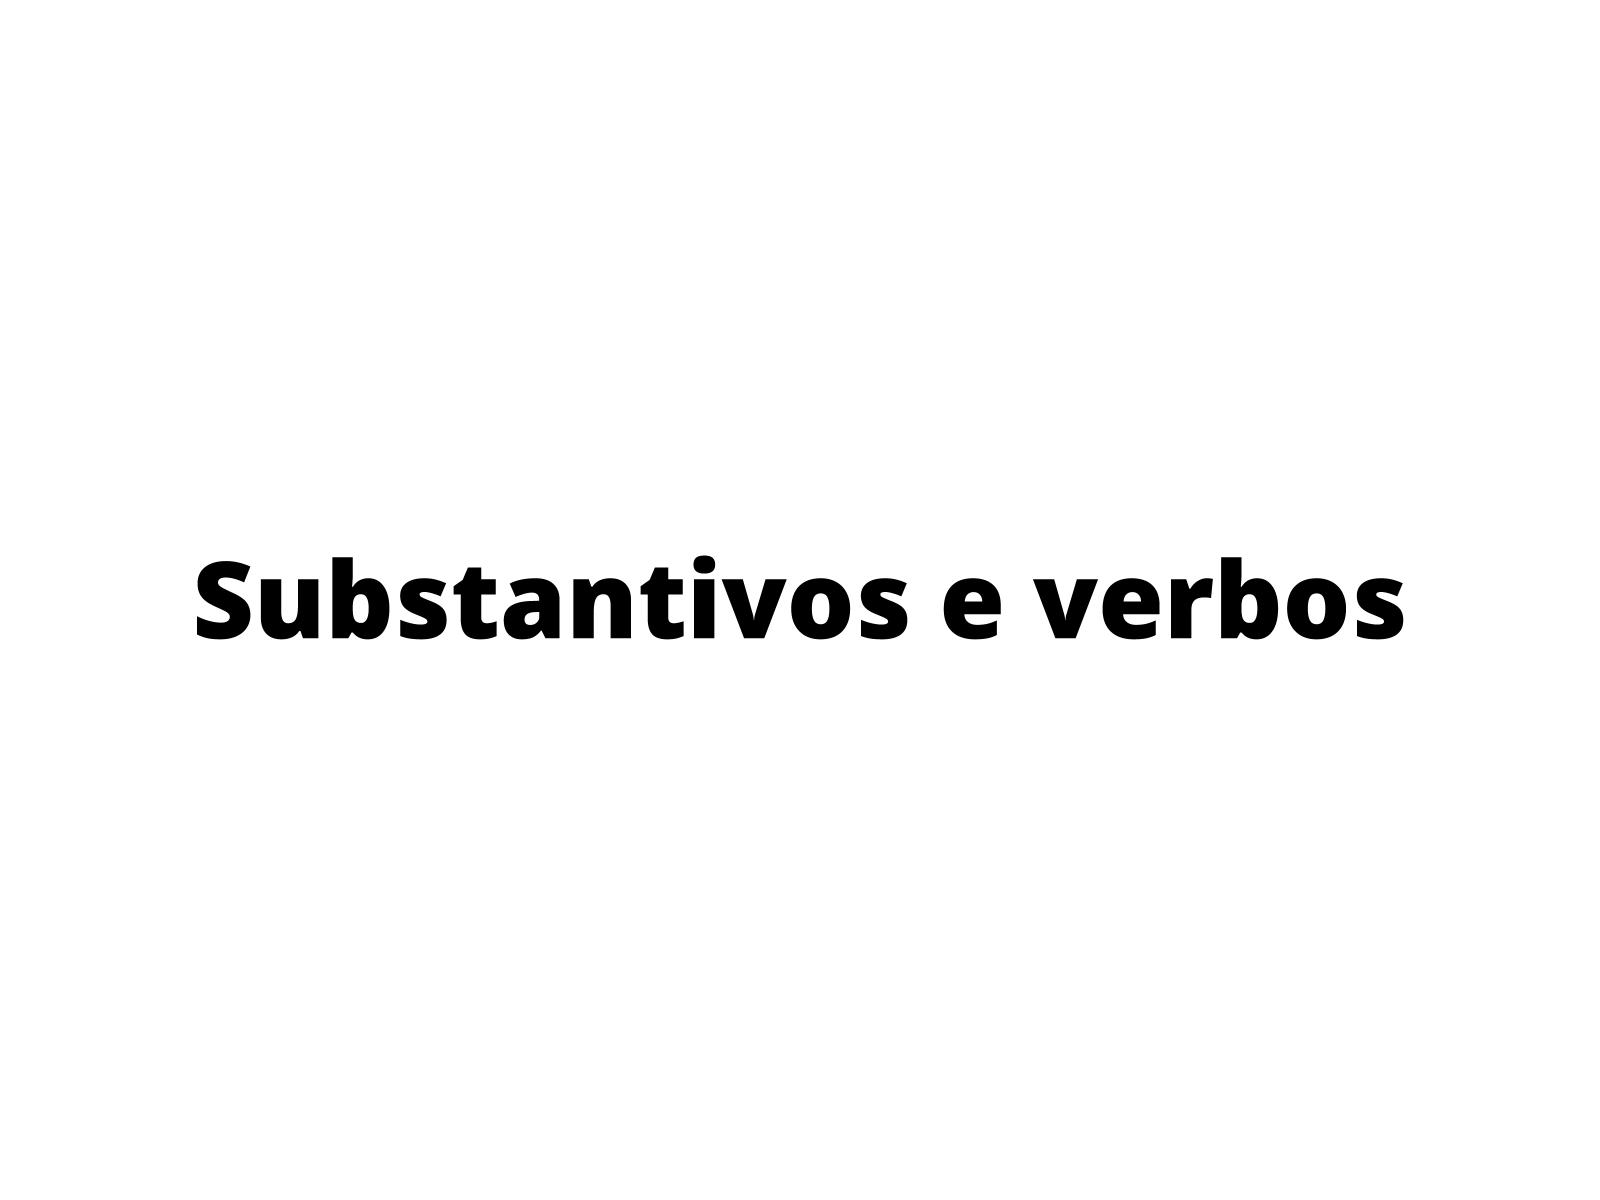 Analisar a função dos substantivos para nomear e dos verbos para exprimir ação